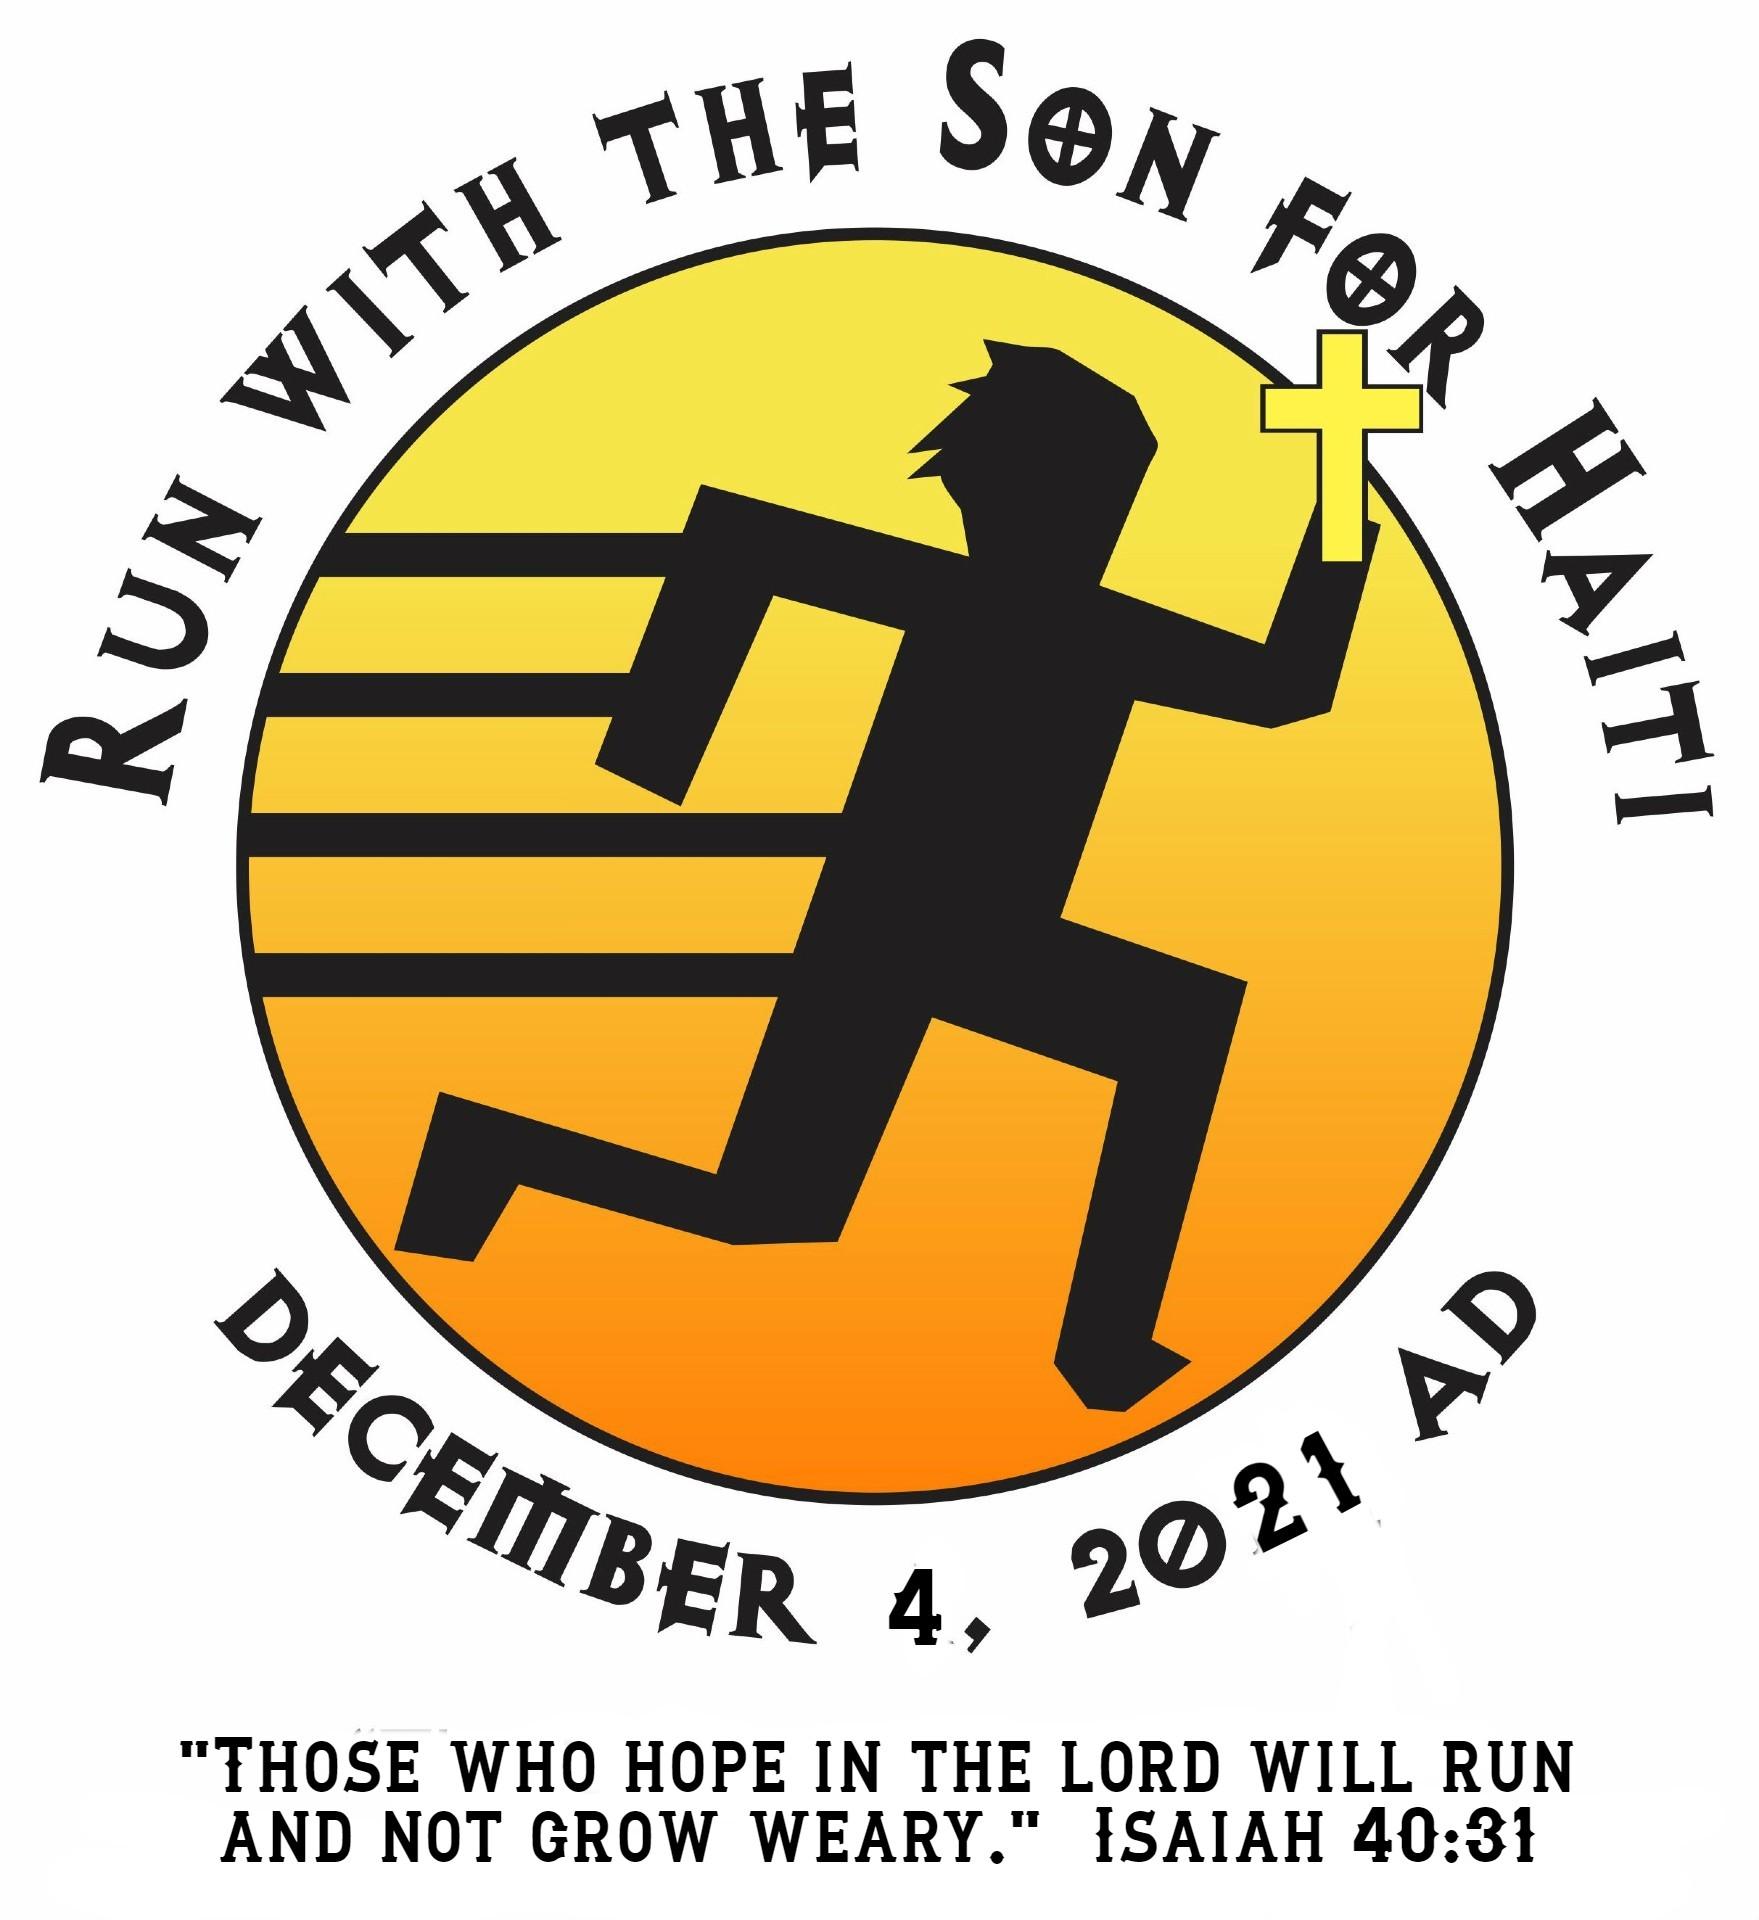 st-kateris-runwalk-with-the-son-for-haiti-5k-sponsor